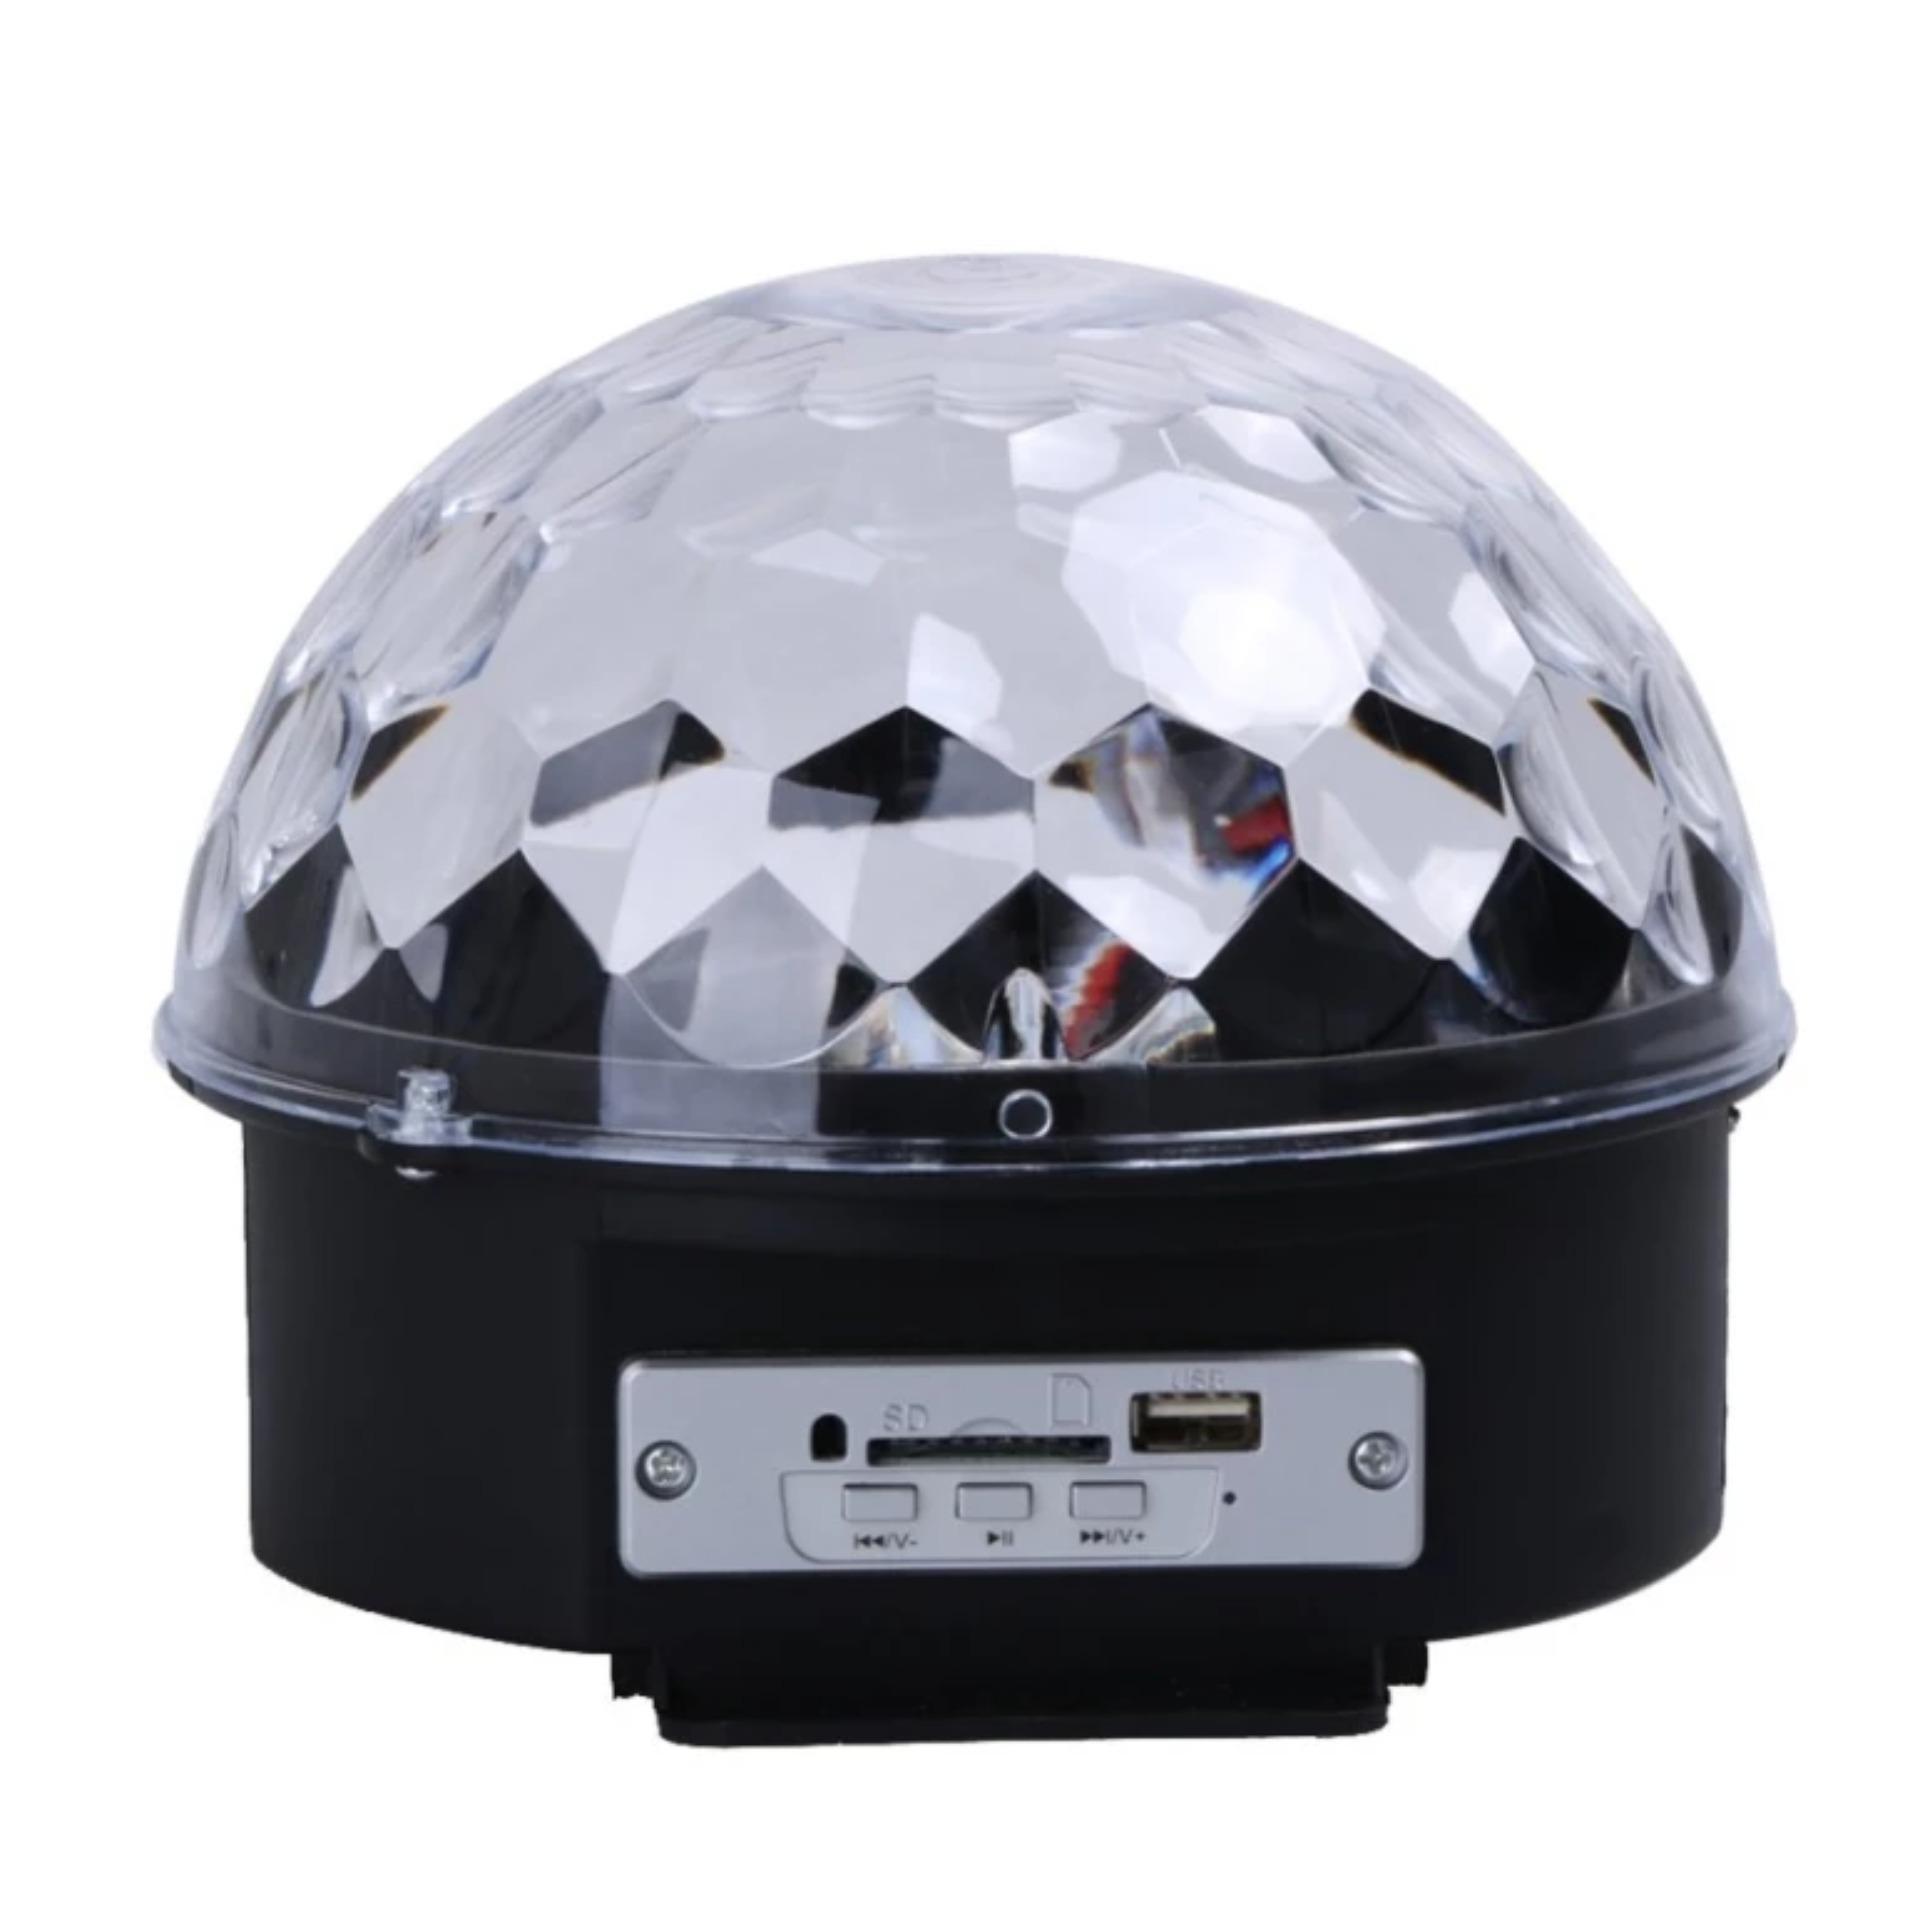 Giá Sốc Đèn quả cầu xoay nhiều màu cảm biến nhạc MB9